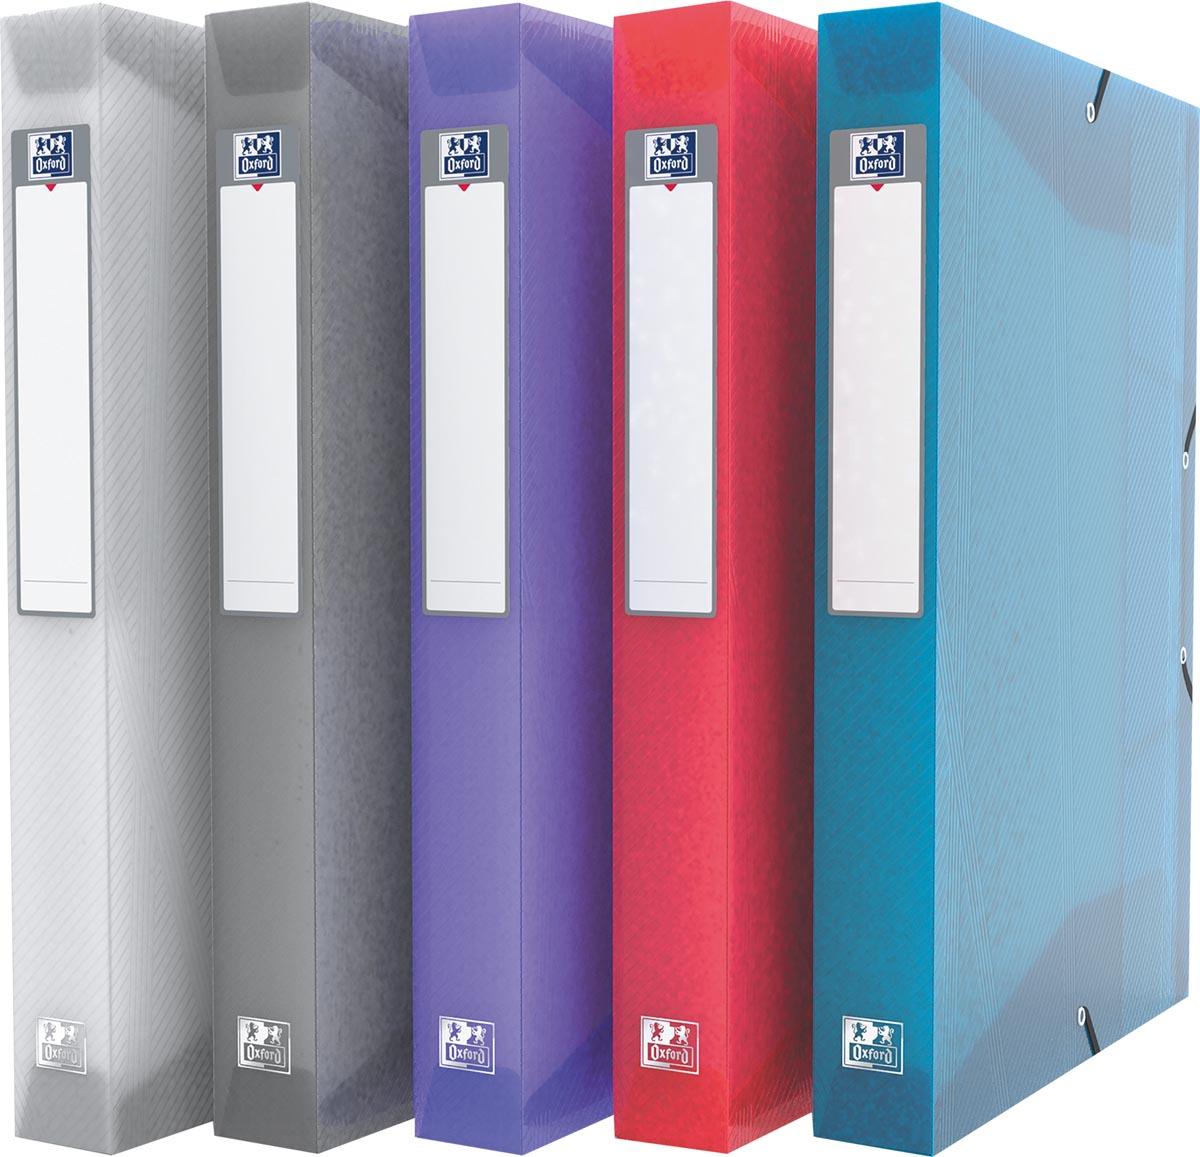 Oxford Hawaï elastobox, voor ft A4, rug van 4 cm, uit PP, geassorteerde kleuren, pak van 6 stuks